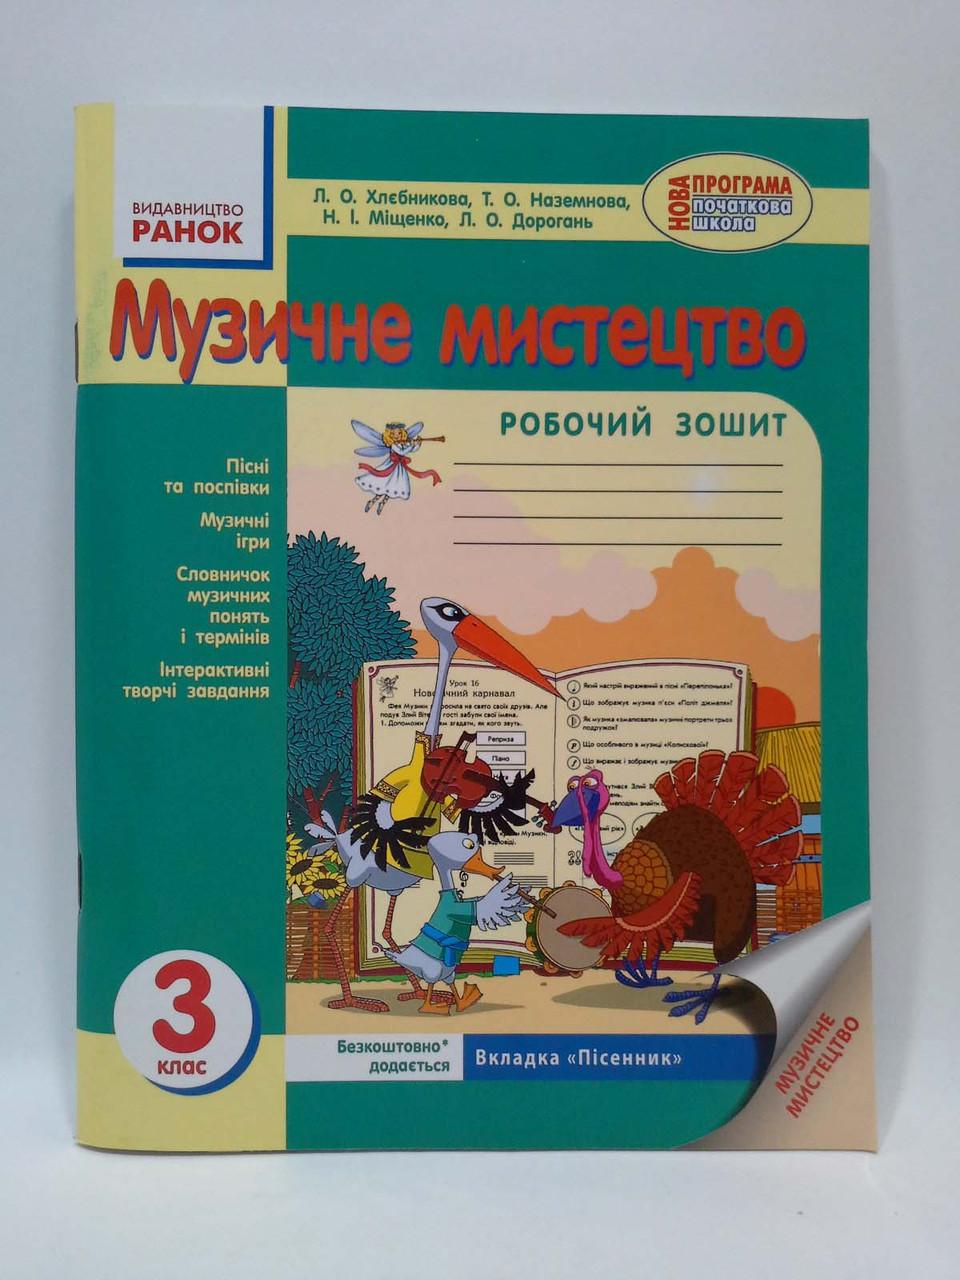 3 клас Ранок Робочий зошит Музичне мистецтво 3 клас Хлєбнікова